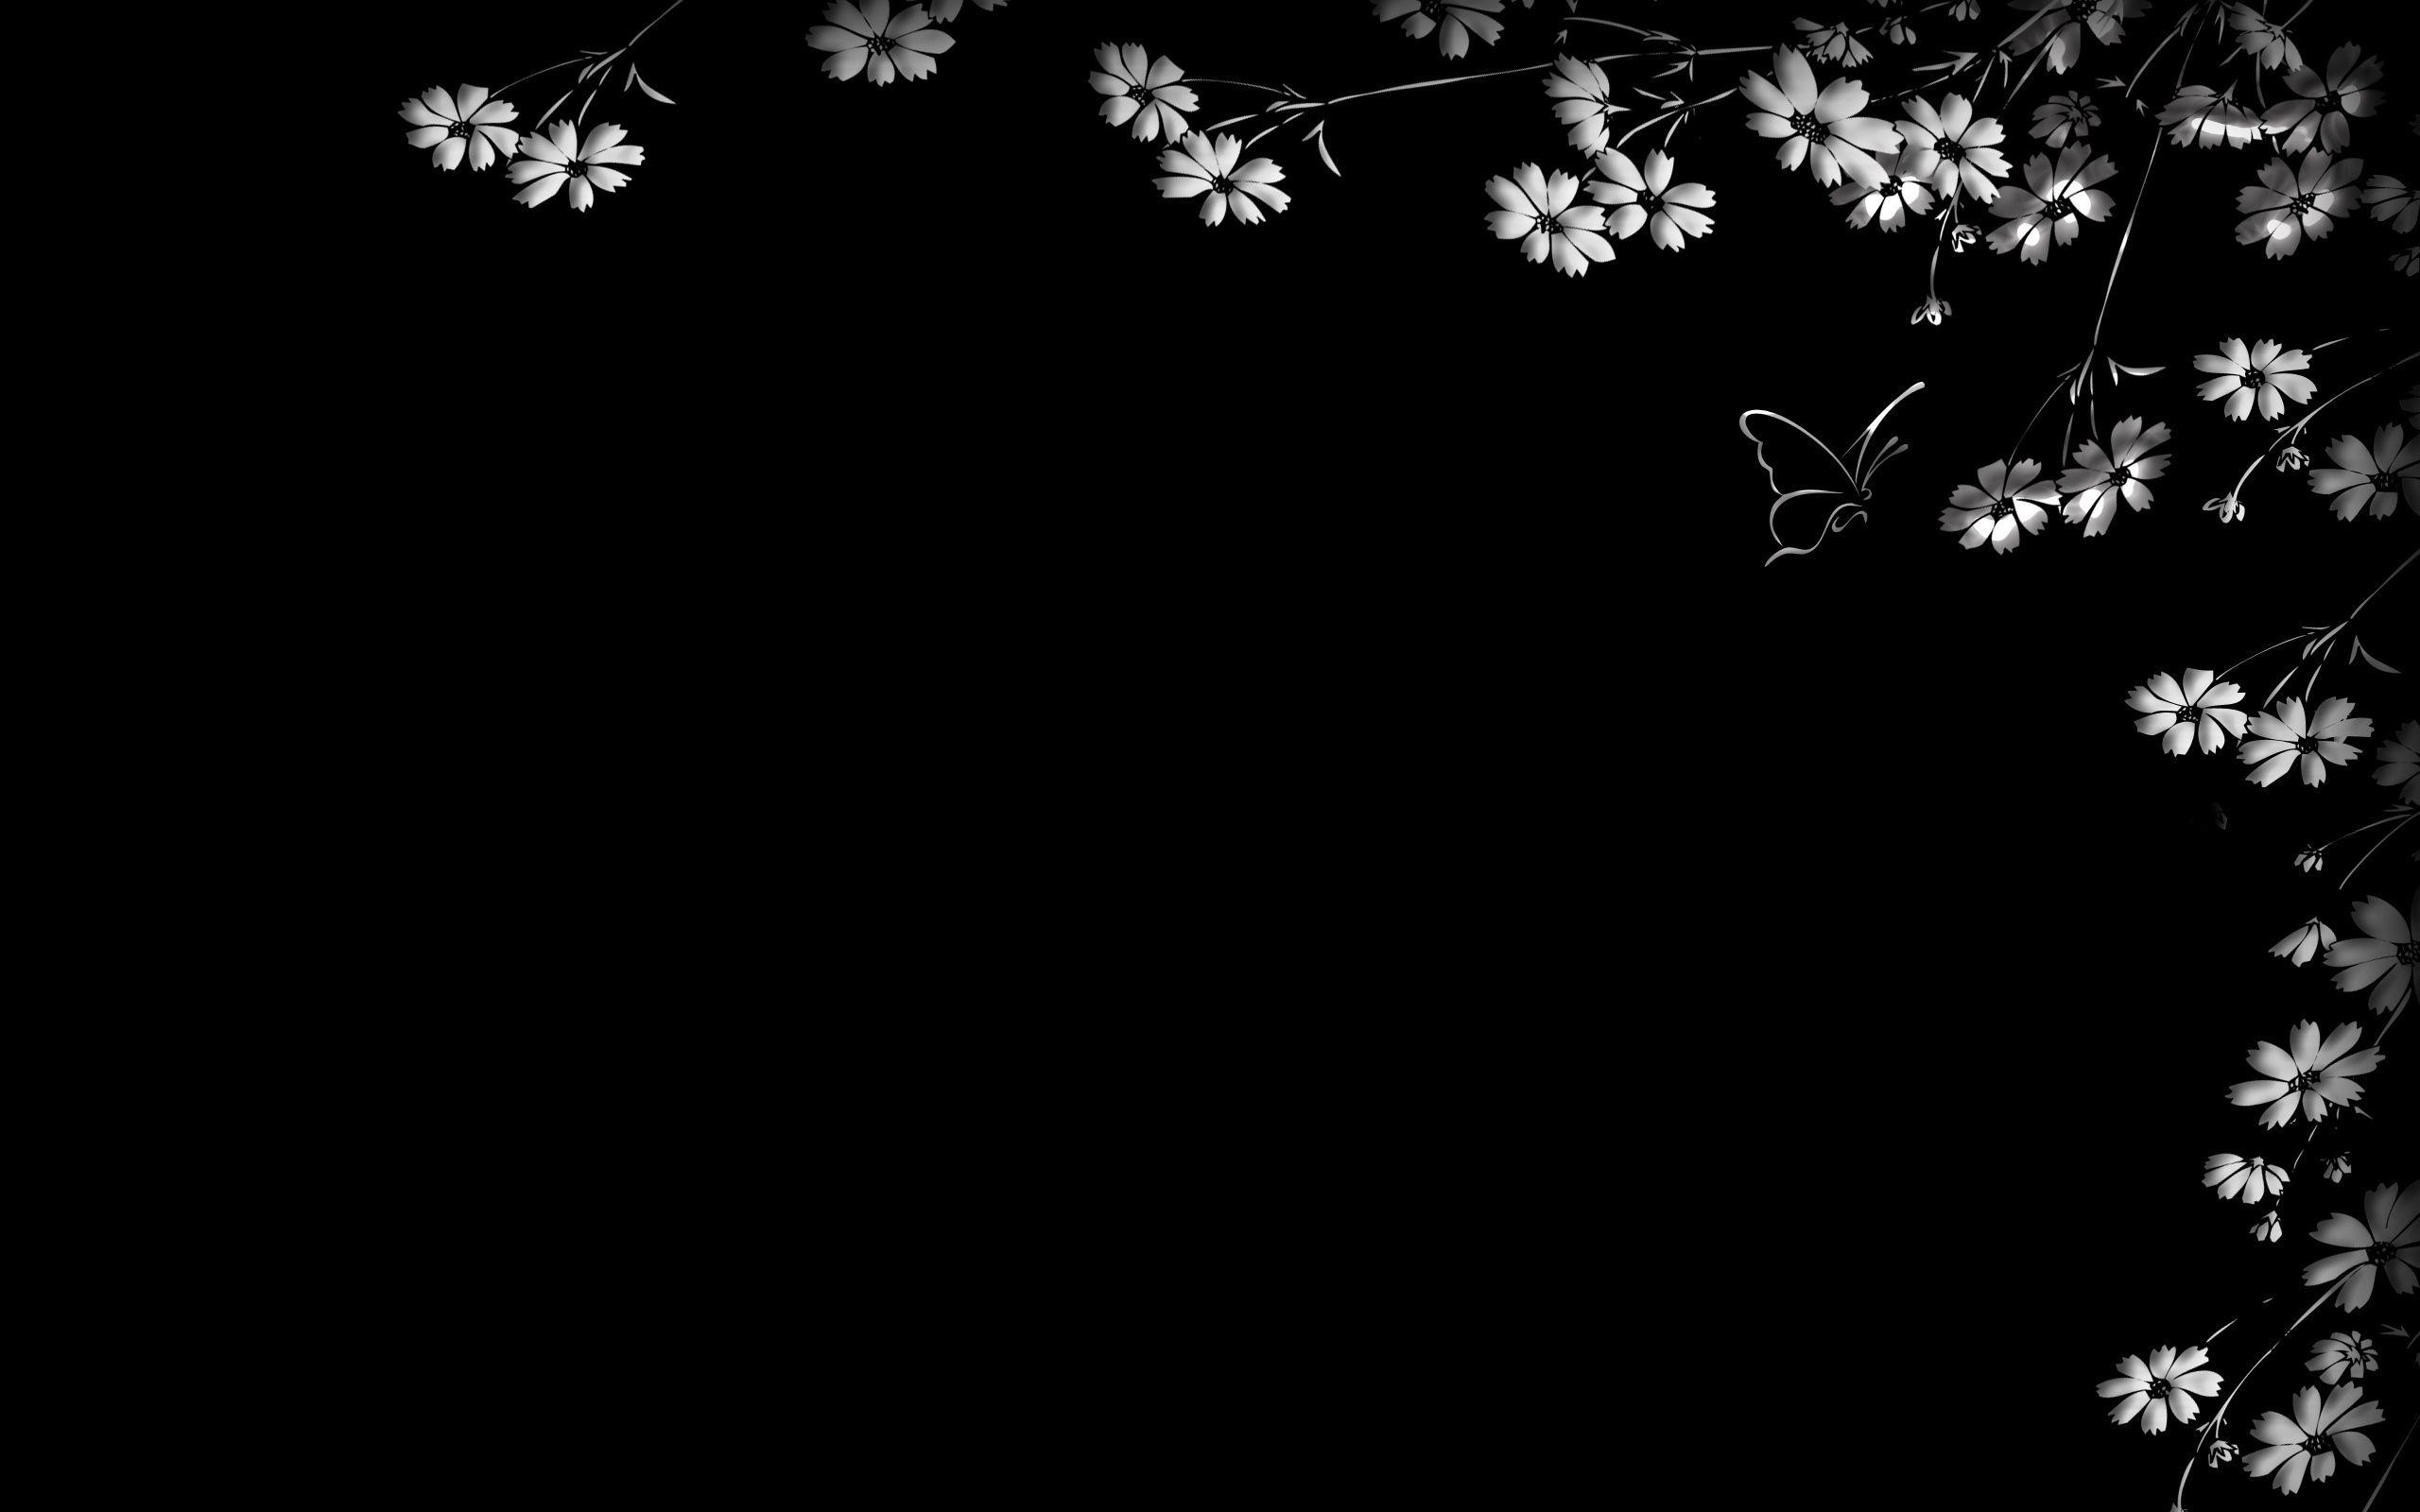 94045 Hintergrundbild herunterladen Blumen, Schmetterling, Schwarzer Hintergrund - Bildschirmschoner und Bilder kostenlos